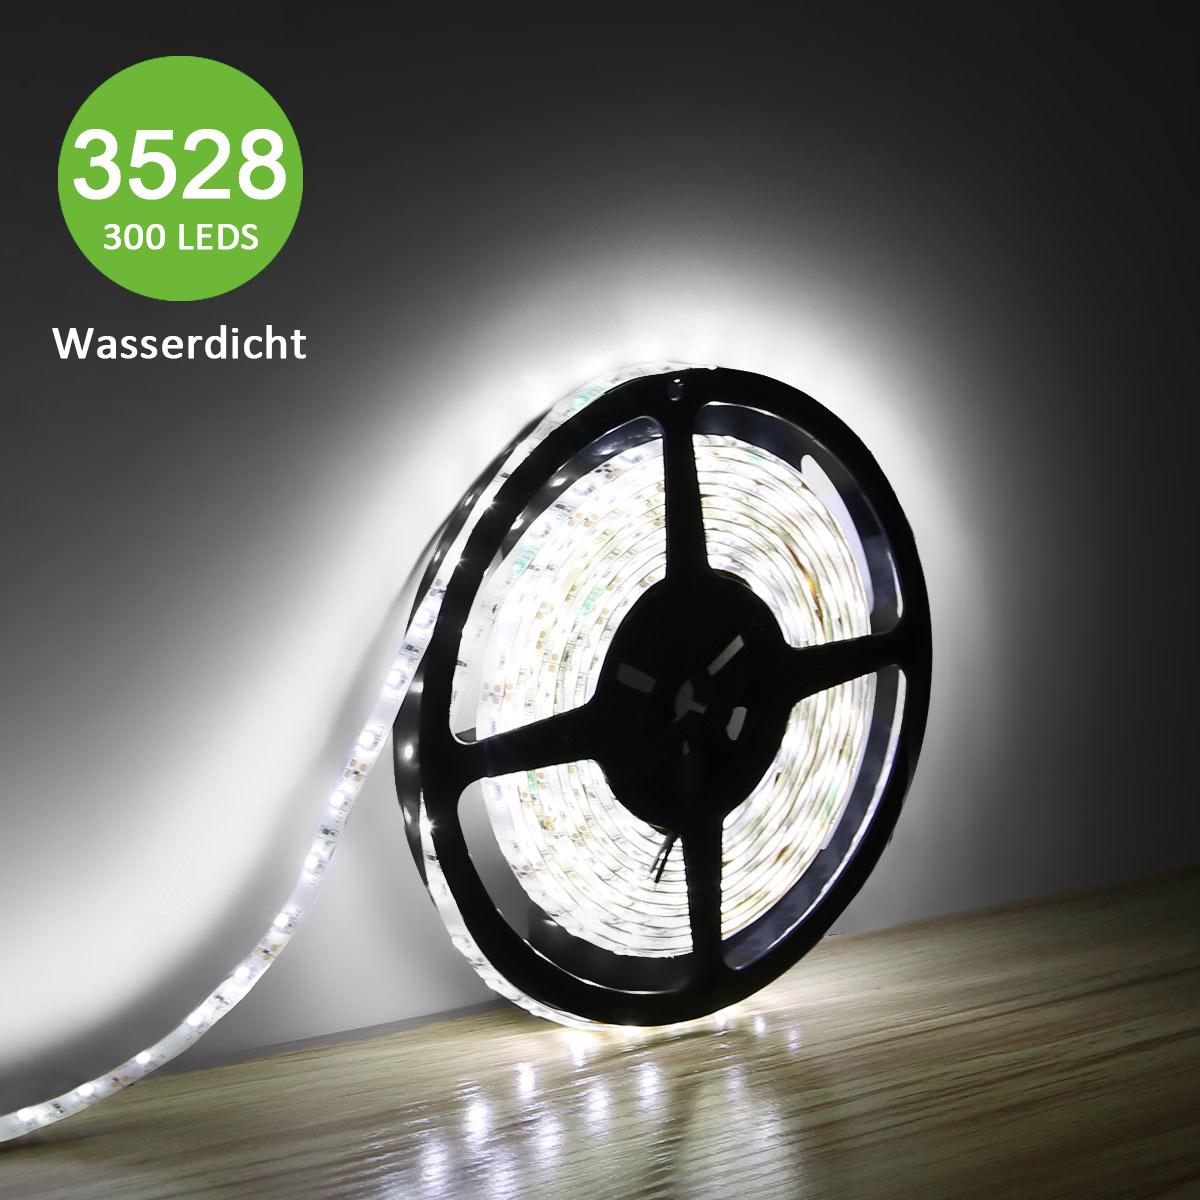 12V LED Leisten, Dimmbar Wasserfest, 300 Stück 3528 SMD, Kaltweiß, 5M, Außen Indirekte Beleuchtung